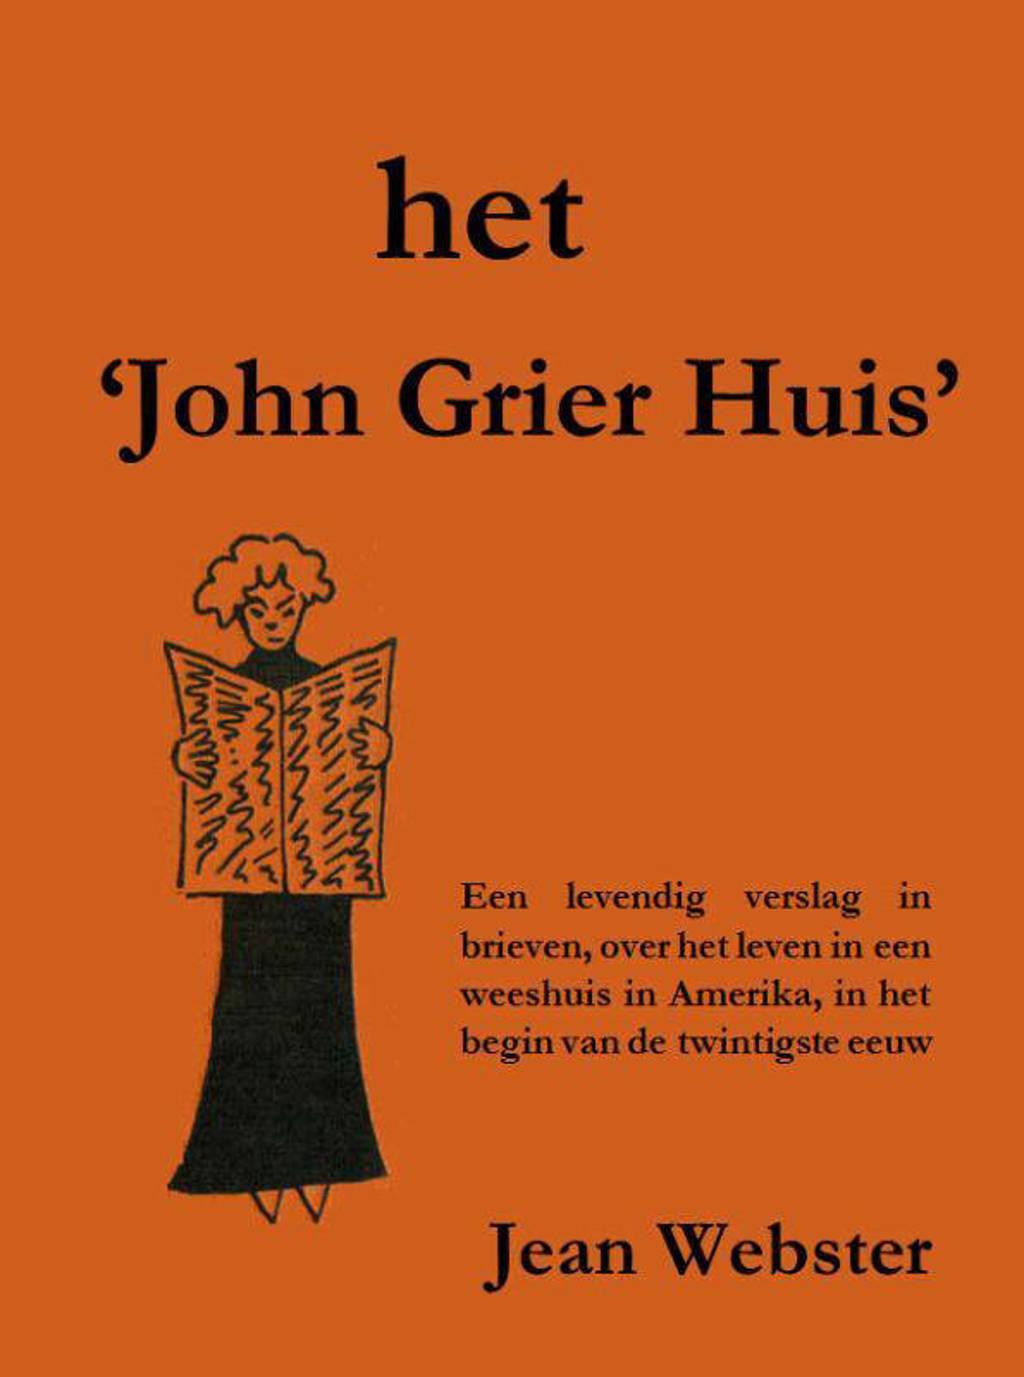 Het 'John Grier huis' - Jean Webster